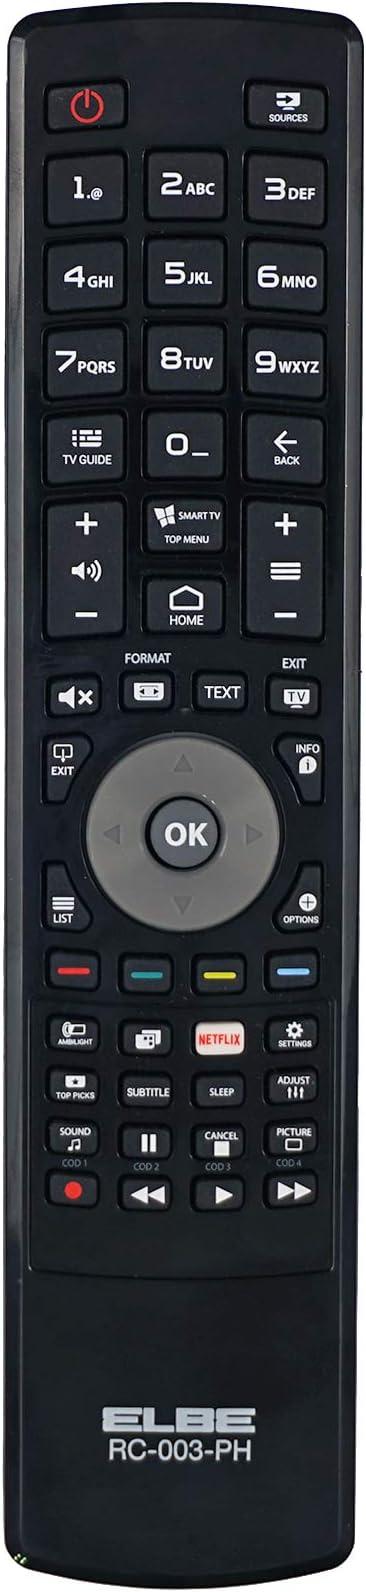 Elbe RC-001-LG - Mando a distancia de reemplazo para televisores LG, color negro: Amazon.es: Electrónica